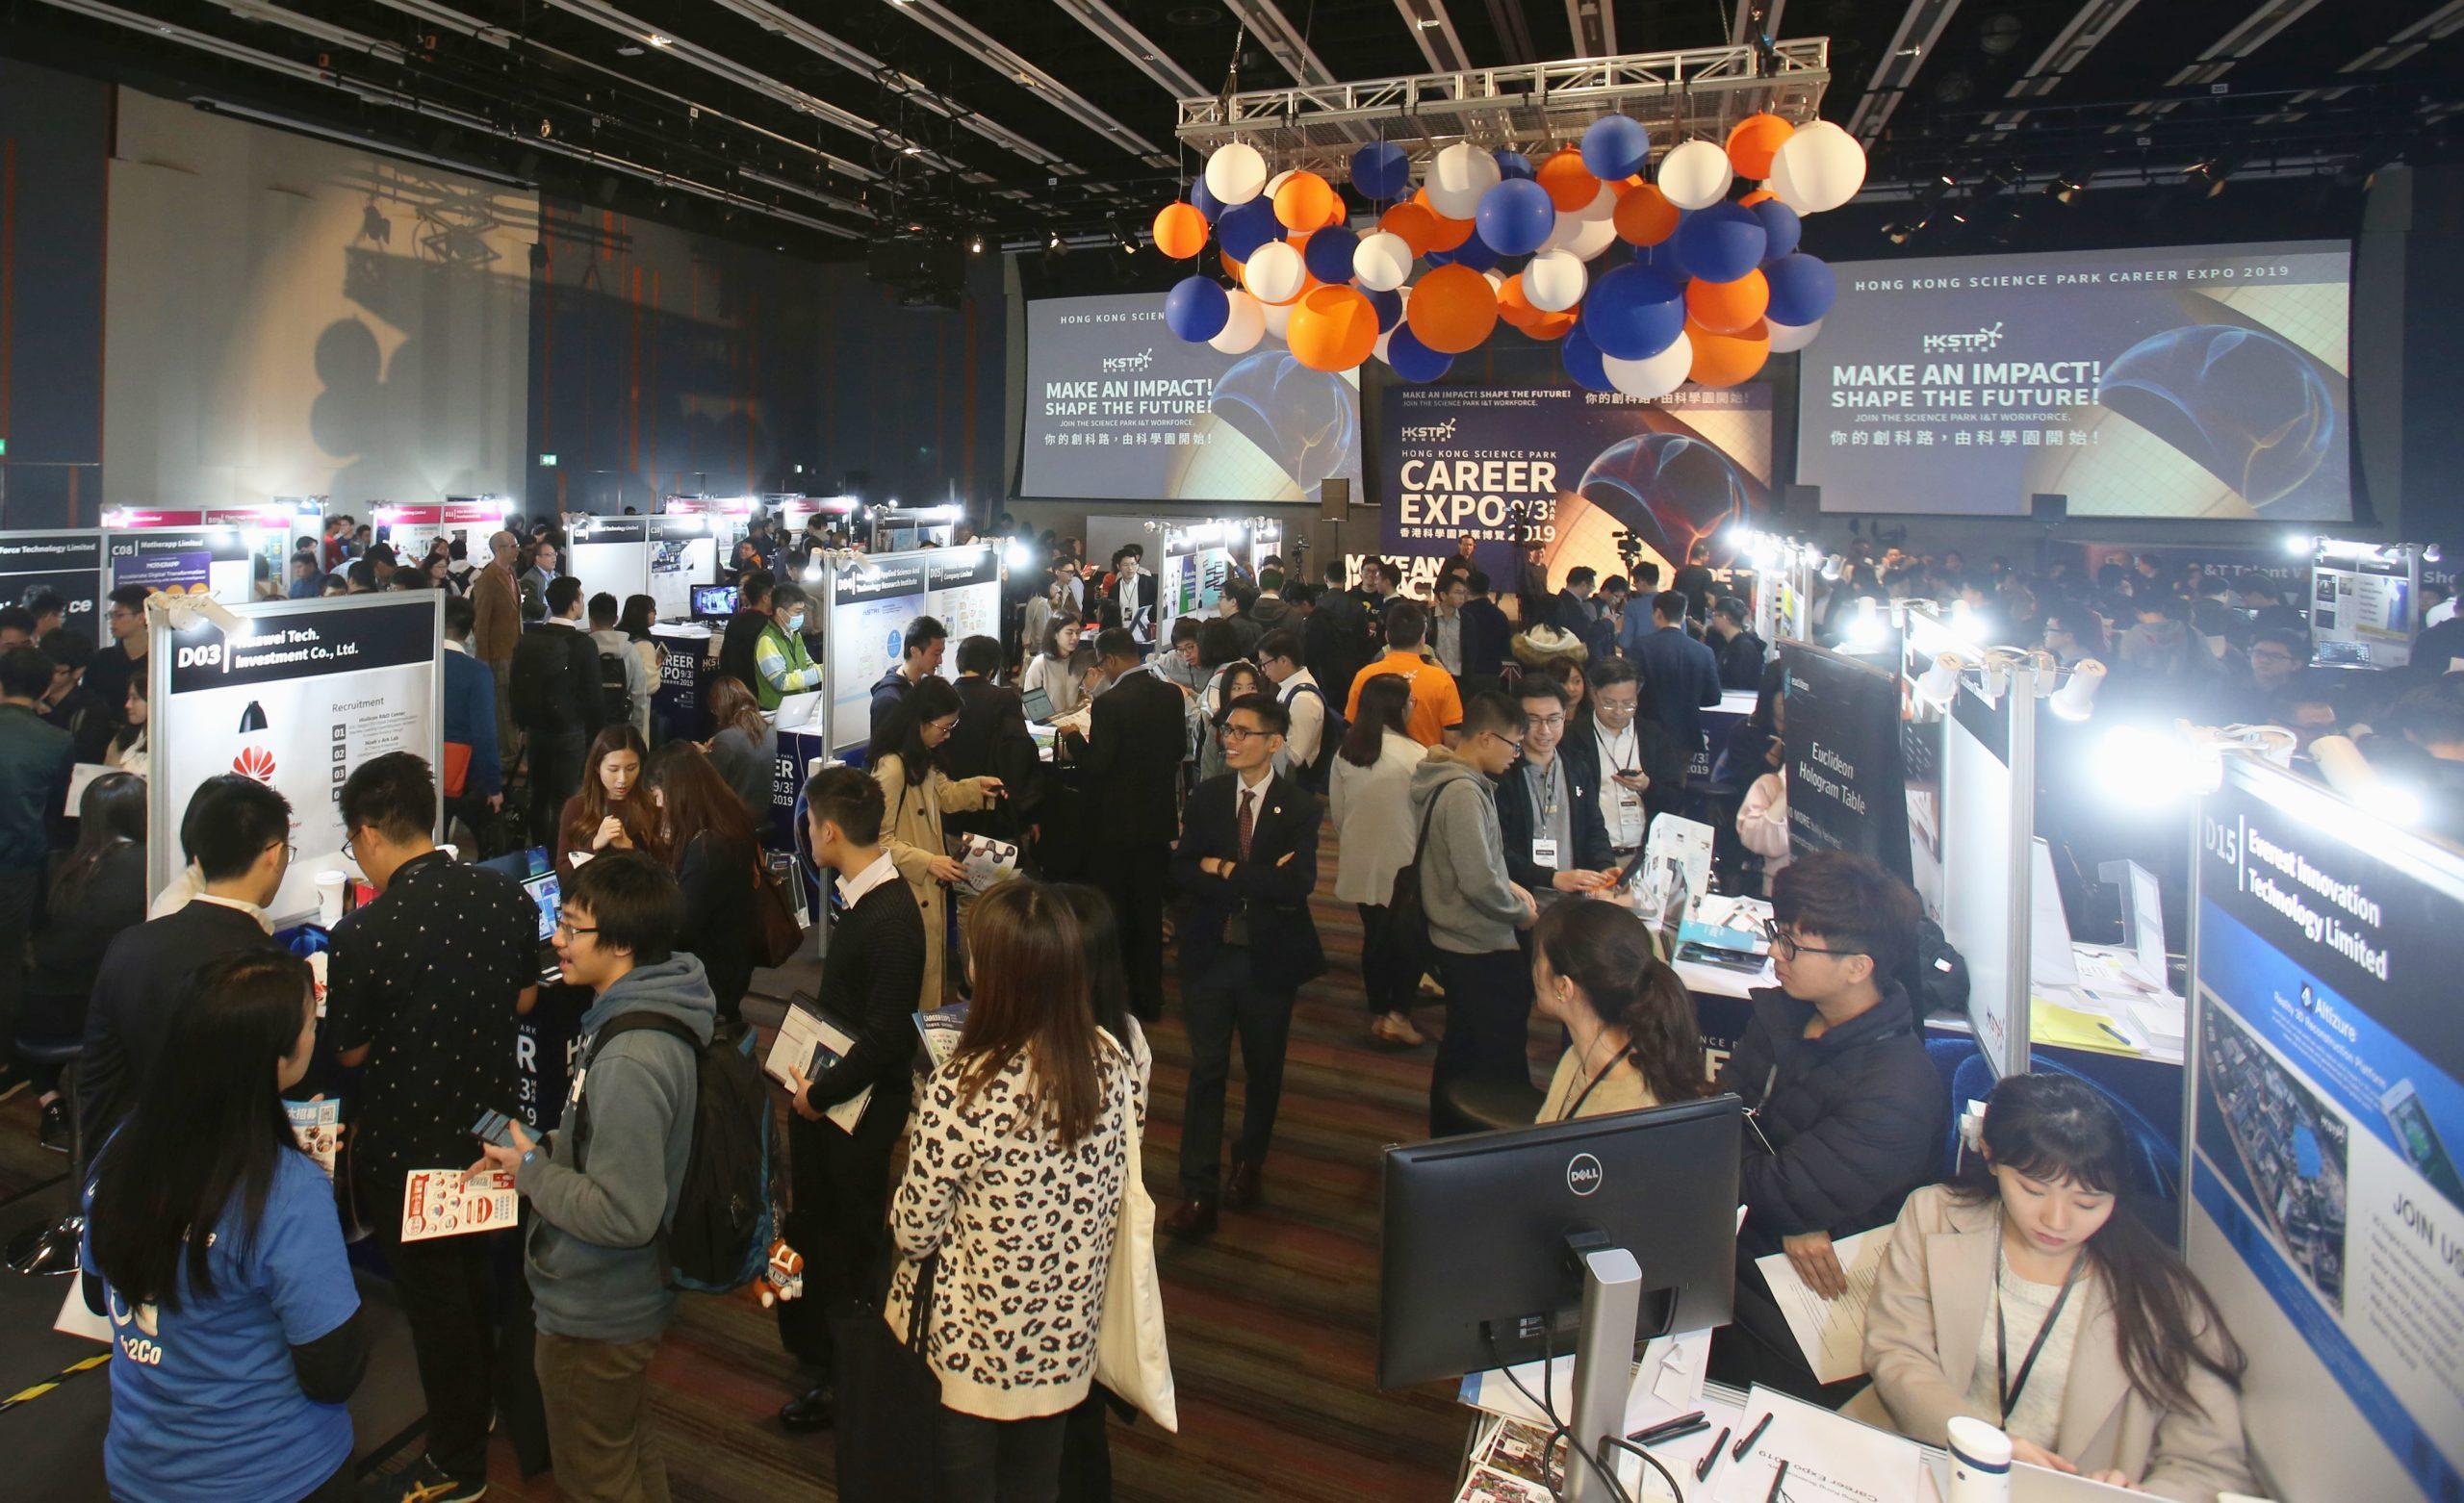 香港科學園職業博覽 2019 完結共吸引 13,000 人次入場